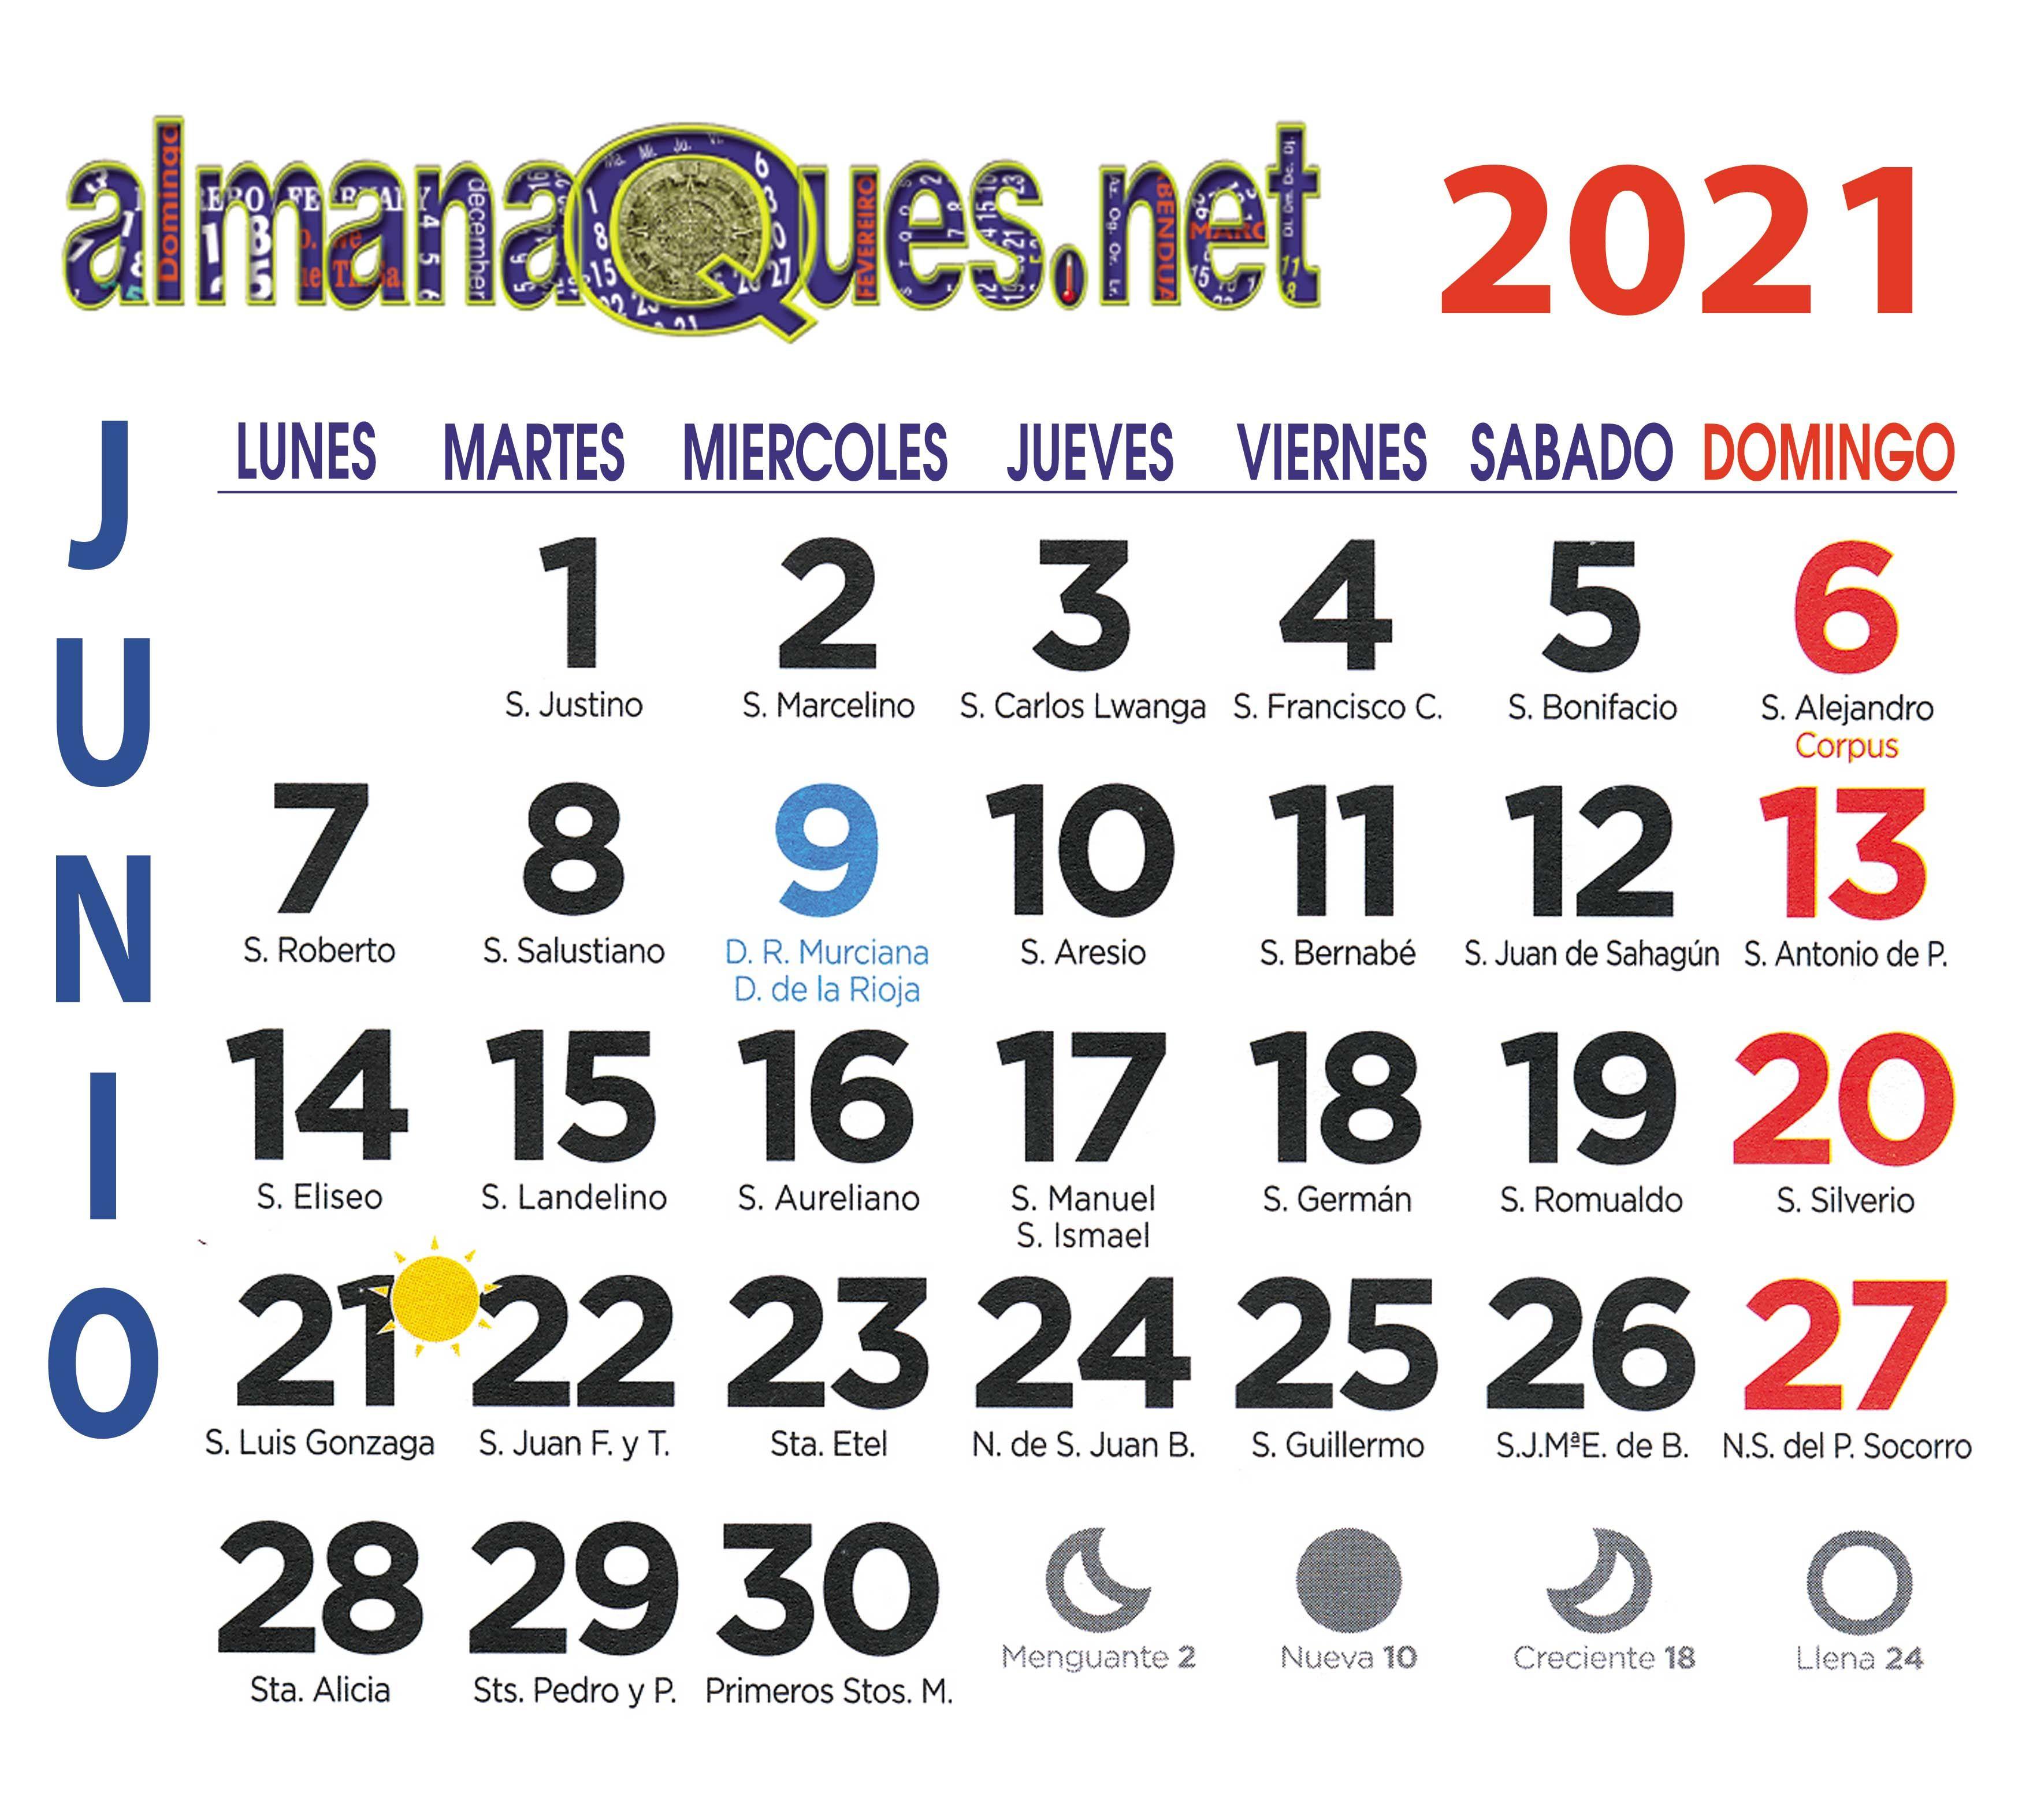 Calendario 2021 Con Santoral Y Lunas Calendario Con Santoral Calendario Santoral